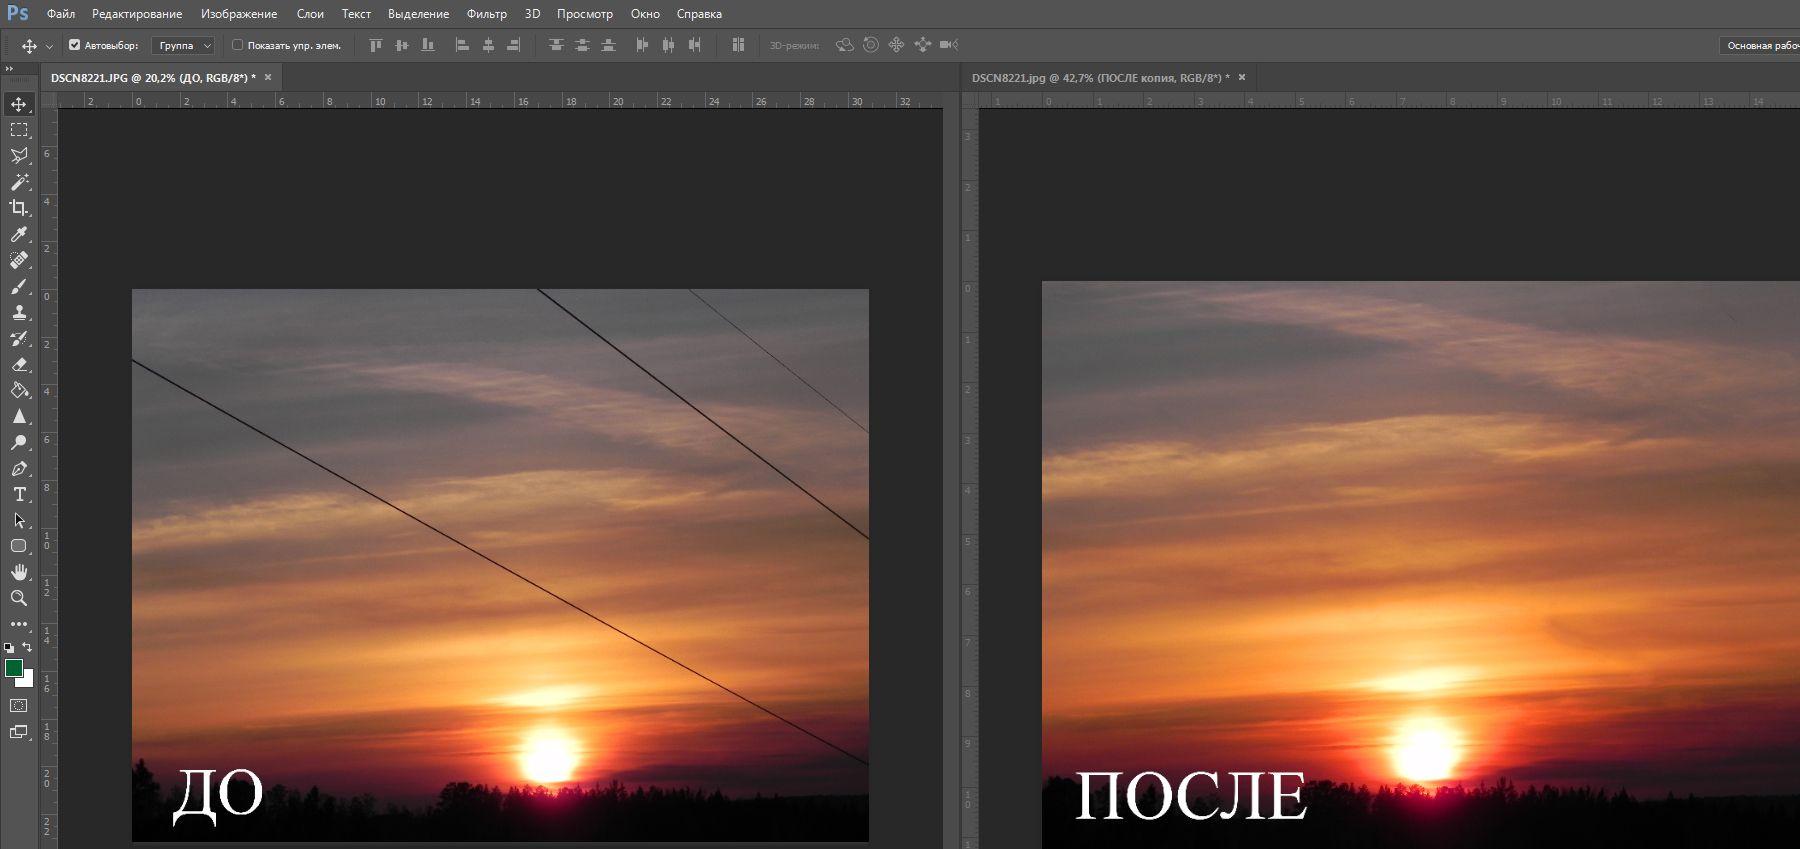 Фото до обработки и после